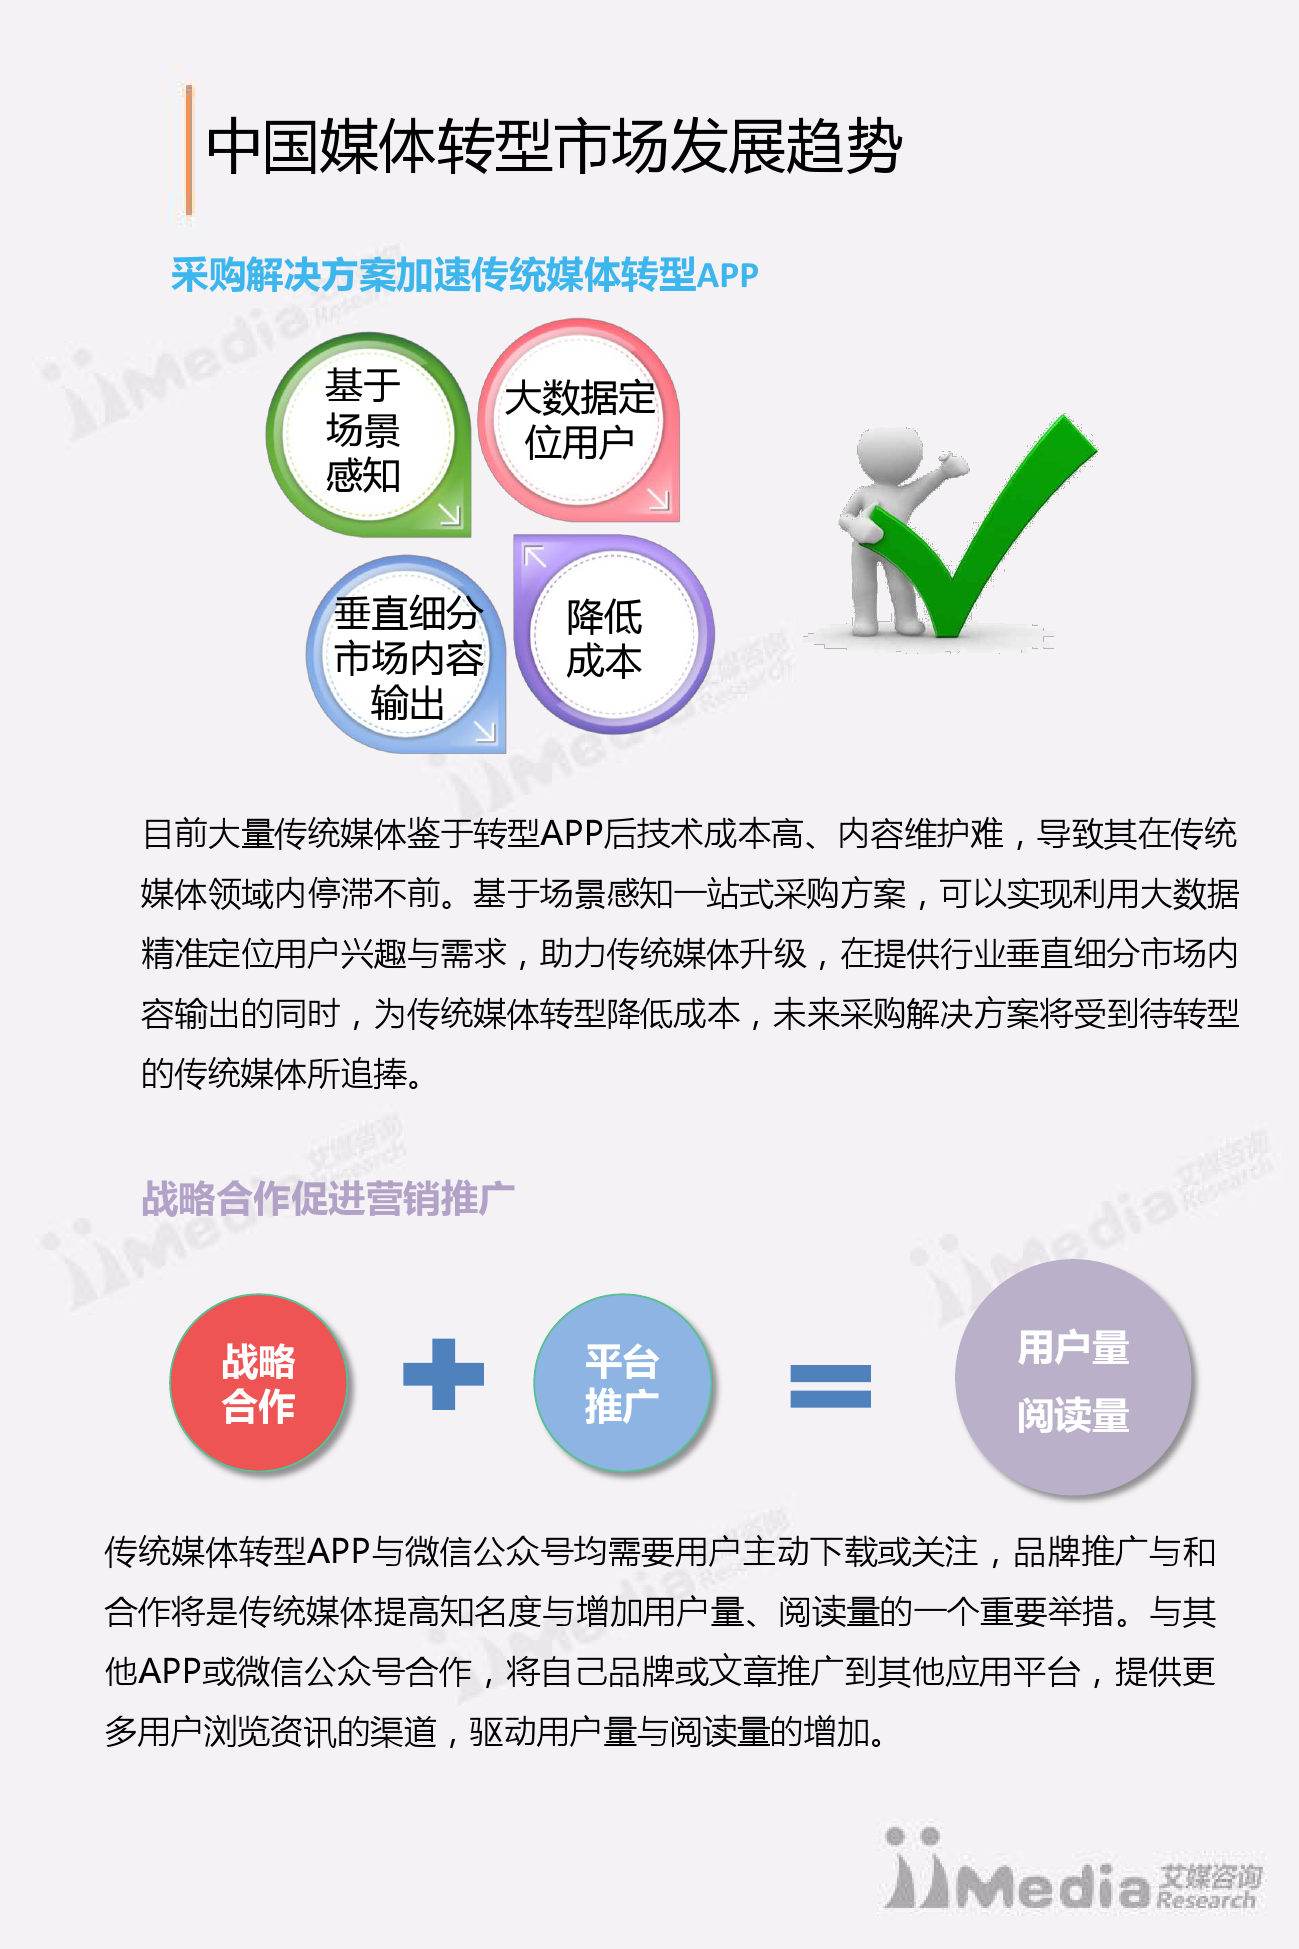 艾媒咨询:2017年中国新媒体行业全景报告-09大数据